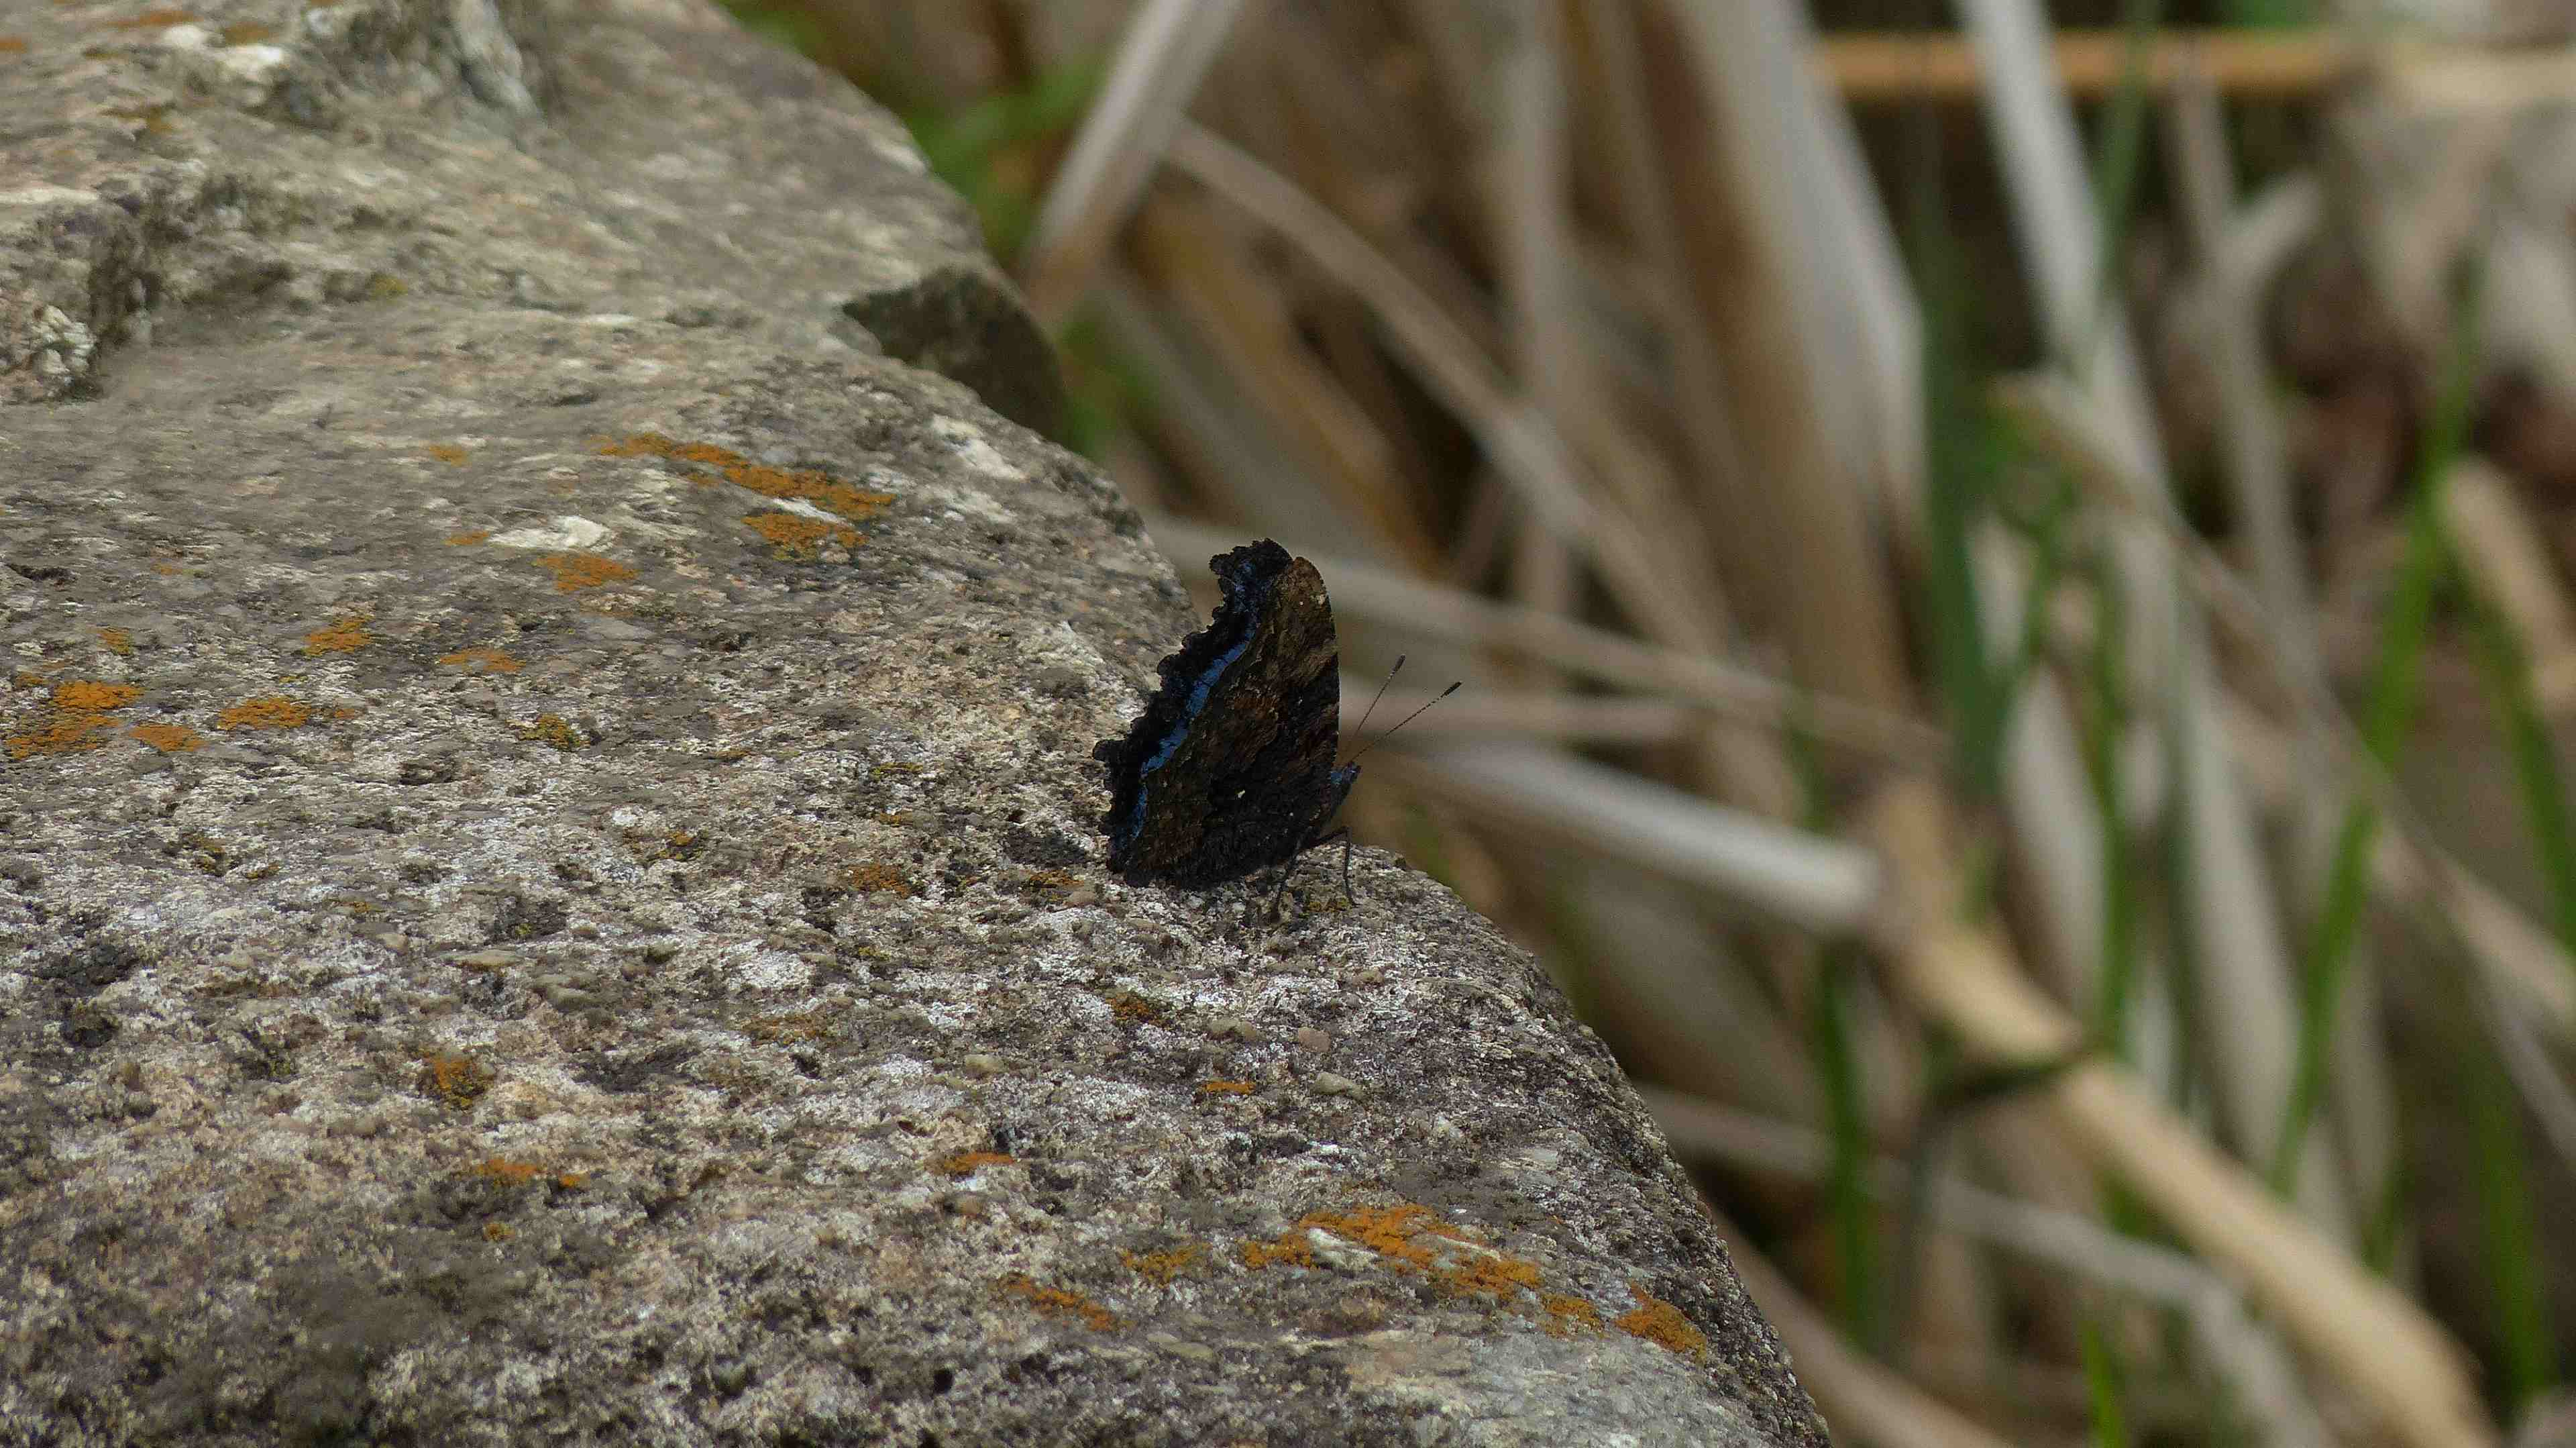 蝶々の季節がやって来た!_a0185081_22463028.jpg